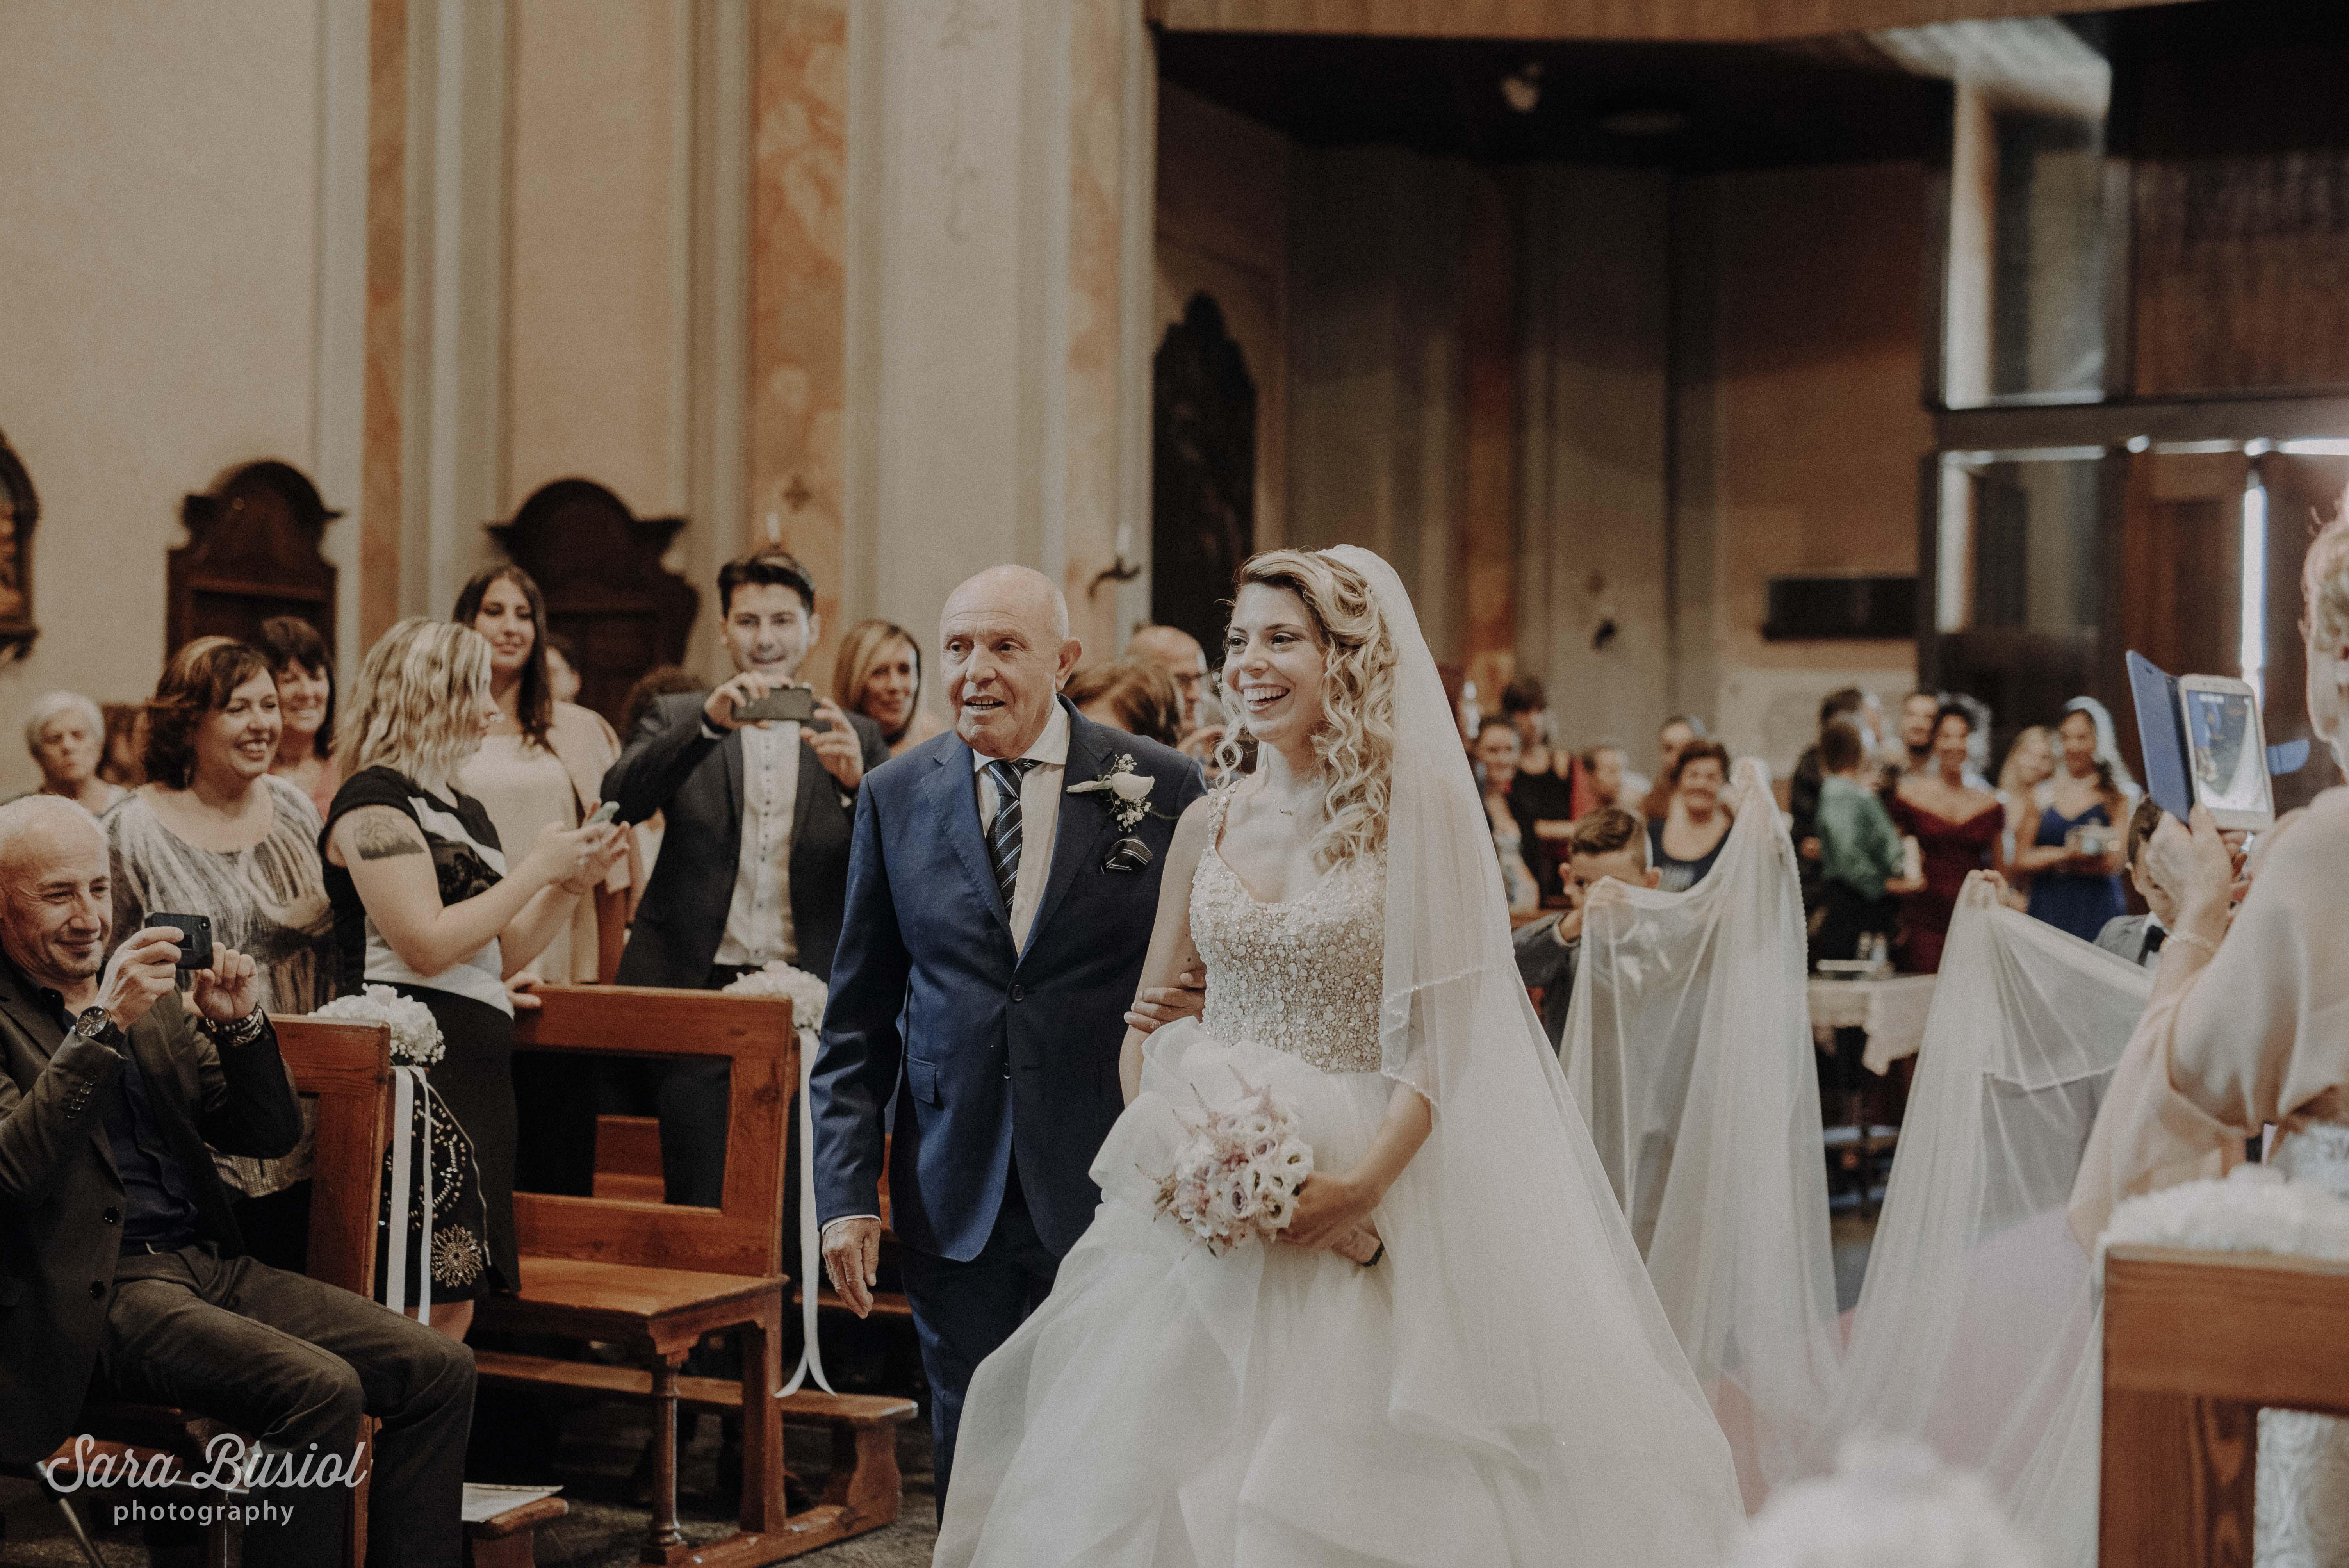 Federica e Davide 09.09.2018 338-2